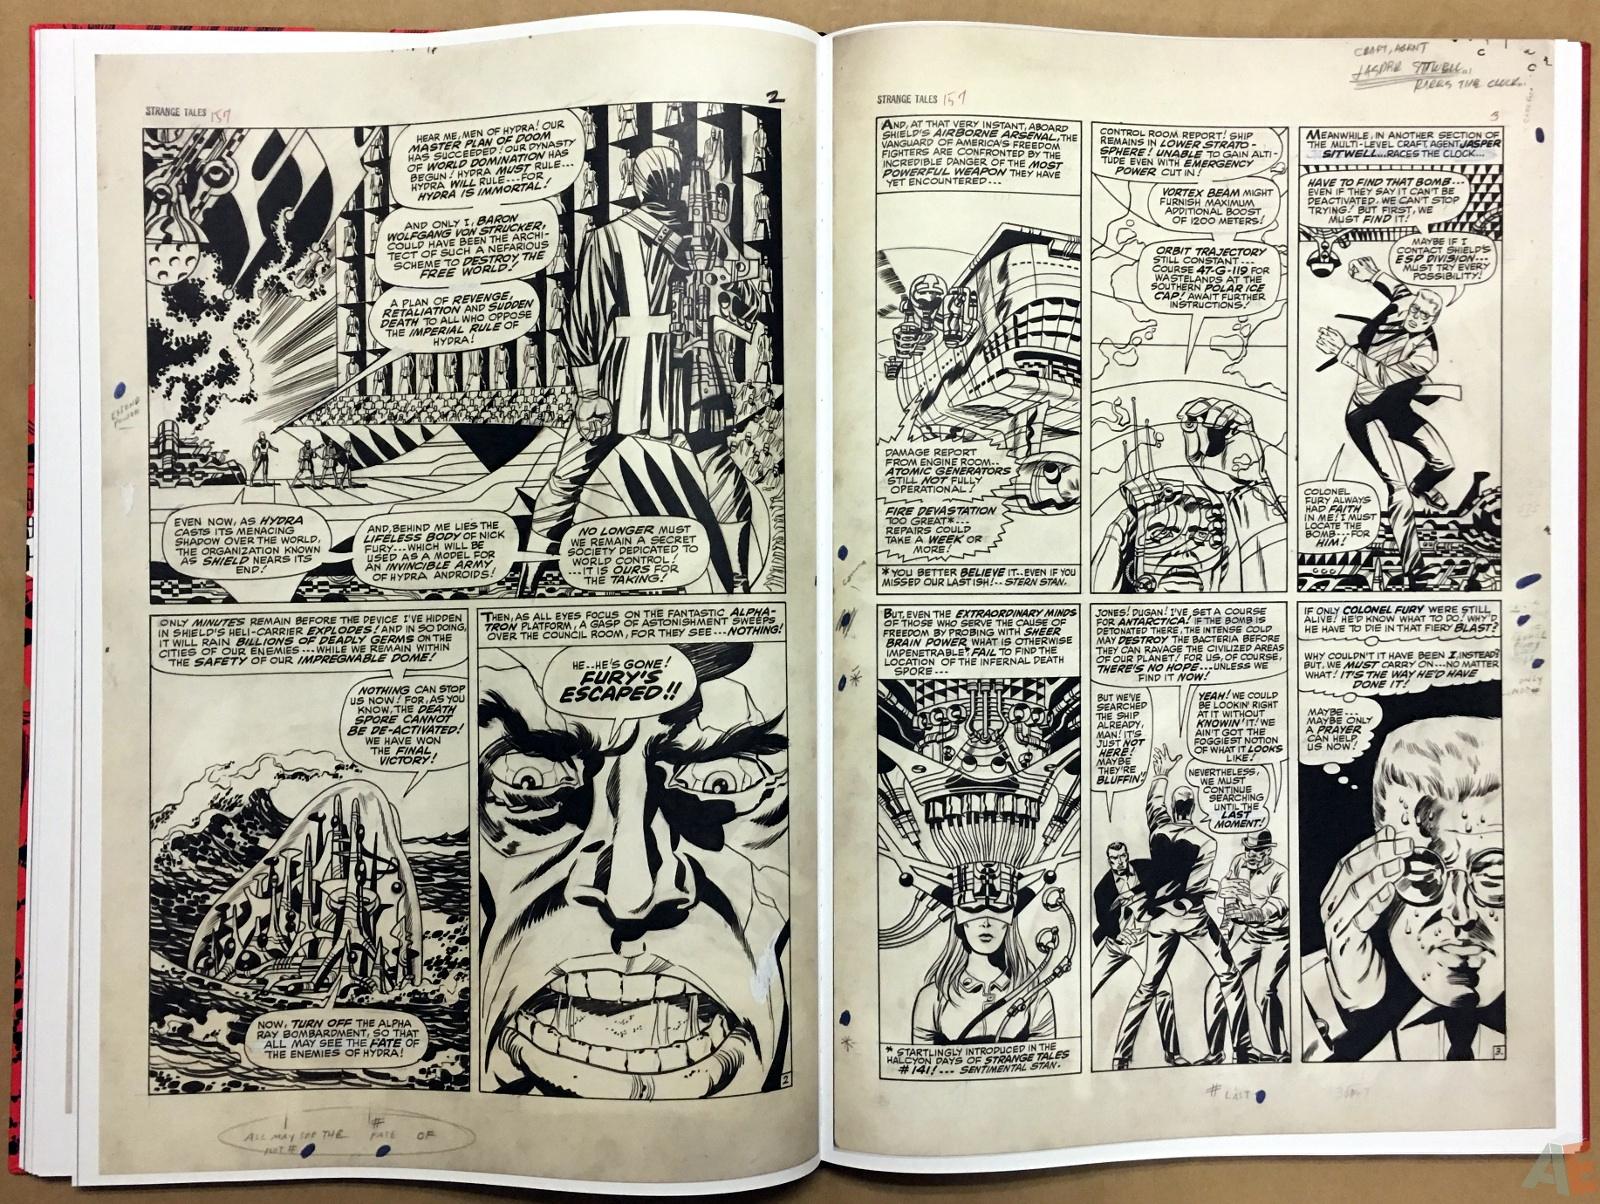 Steranko Nick Fury Agent of S.H.I.E.L.D. Artist's Edition 36